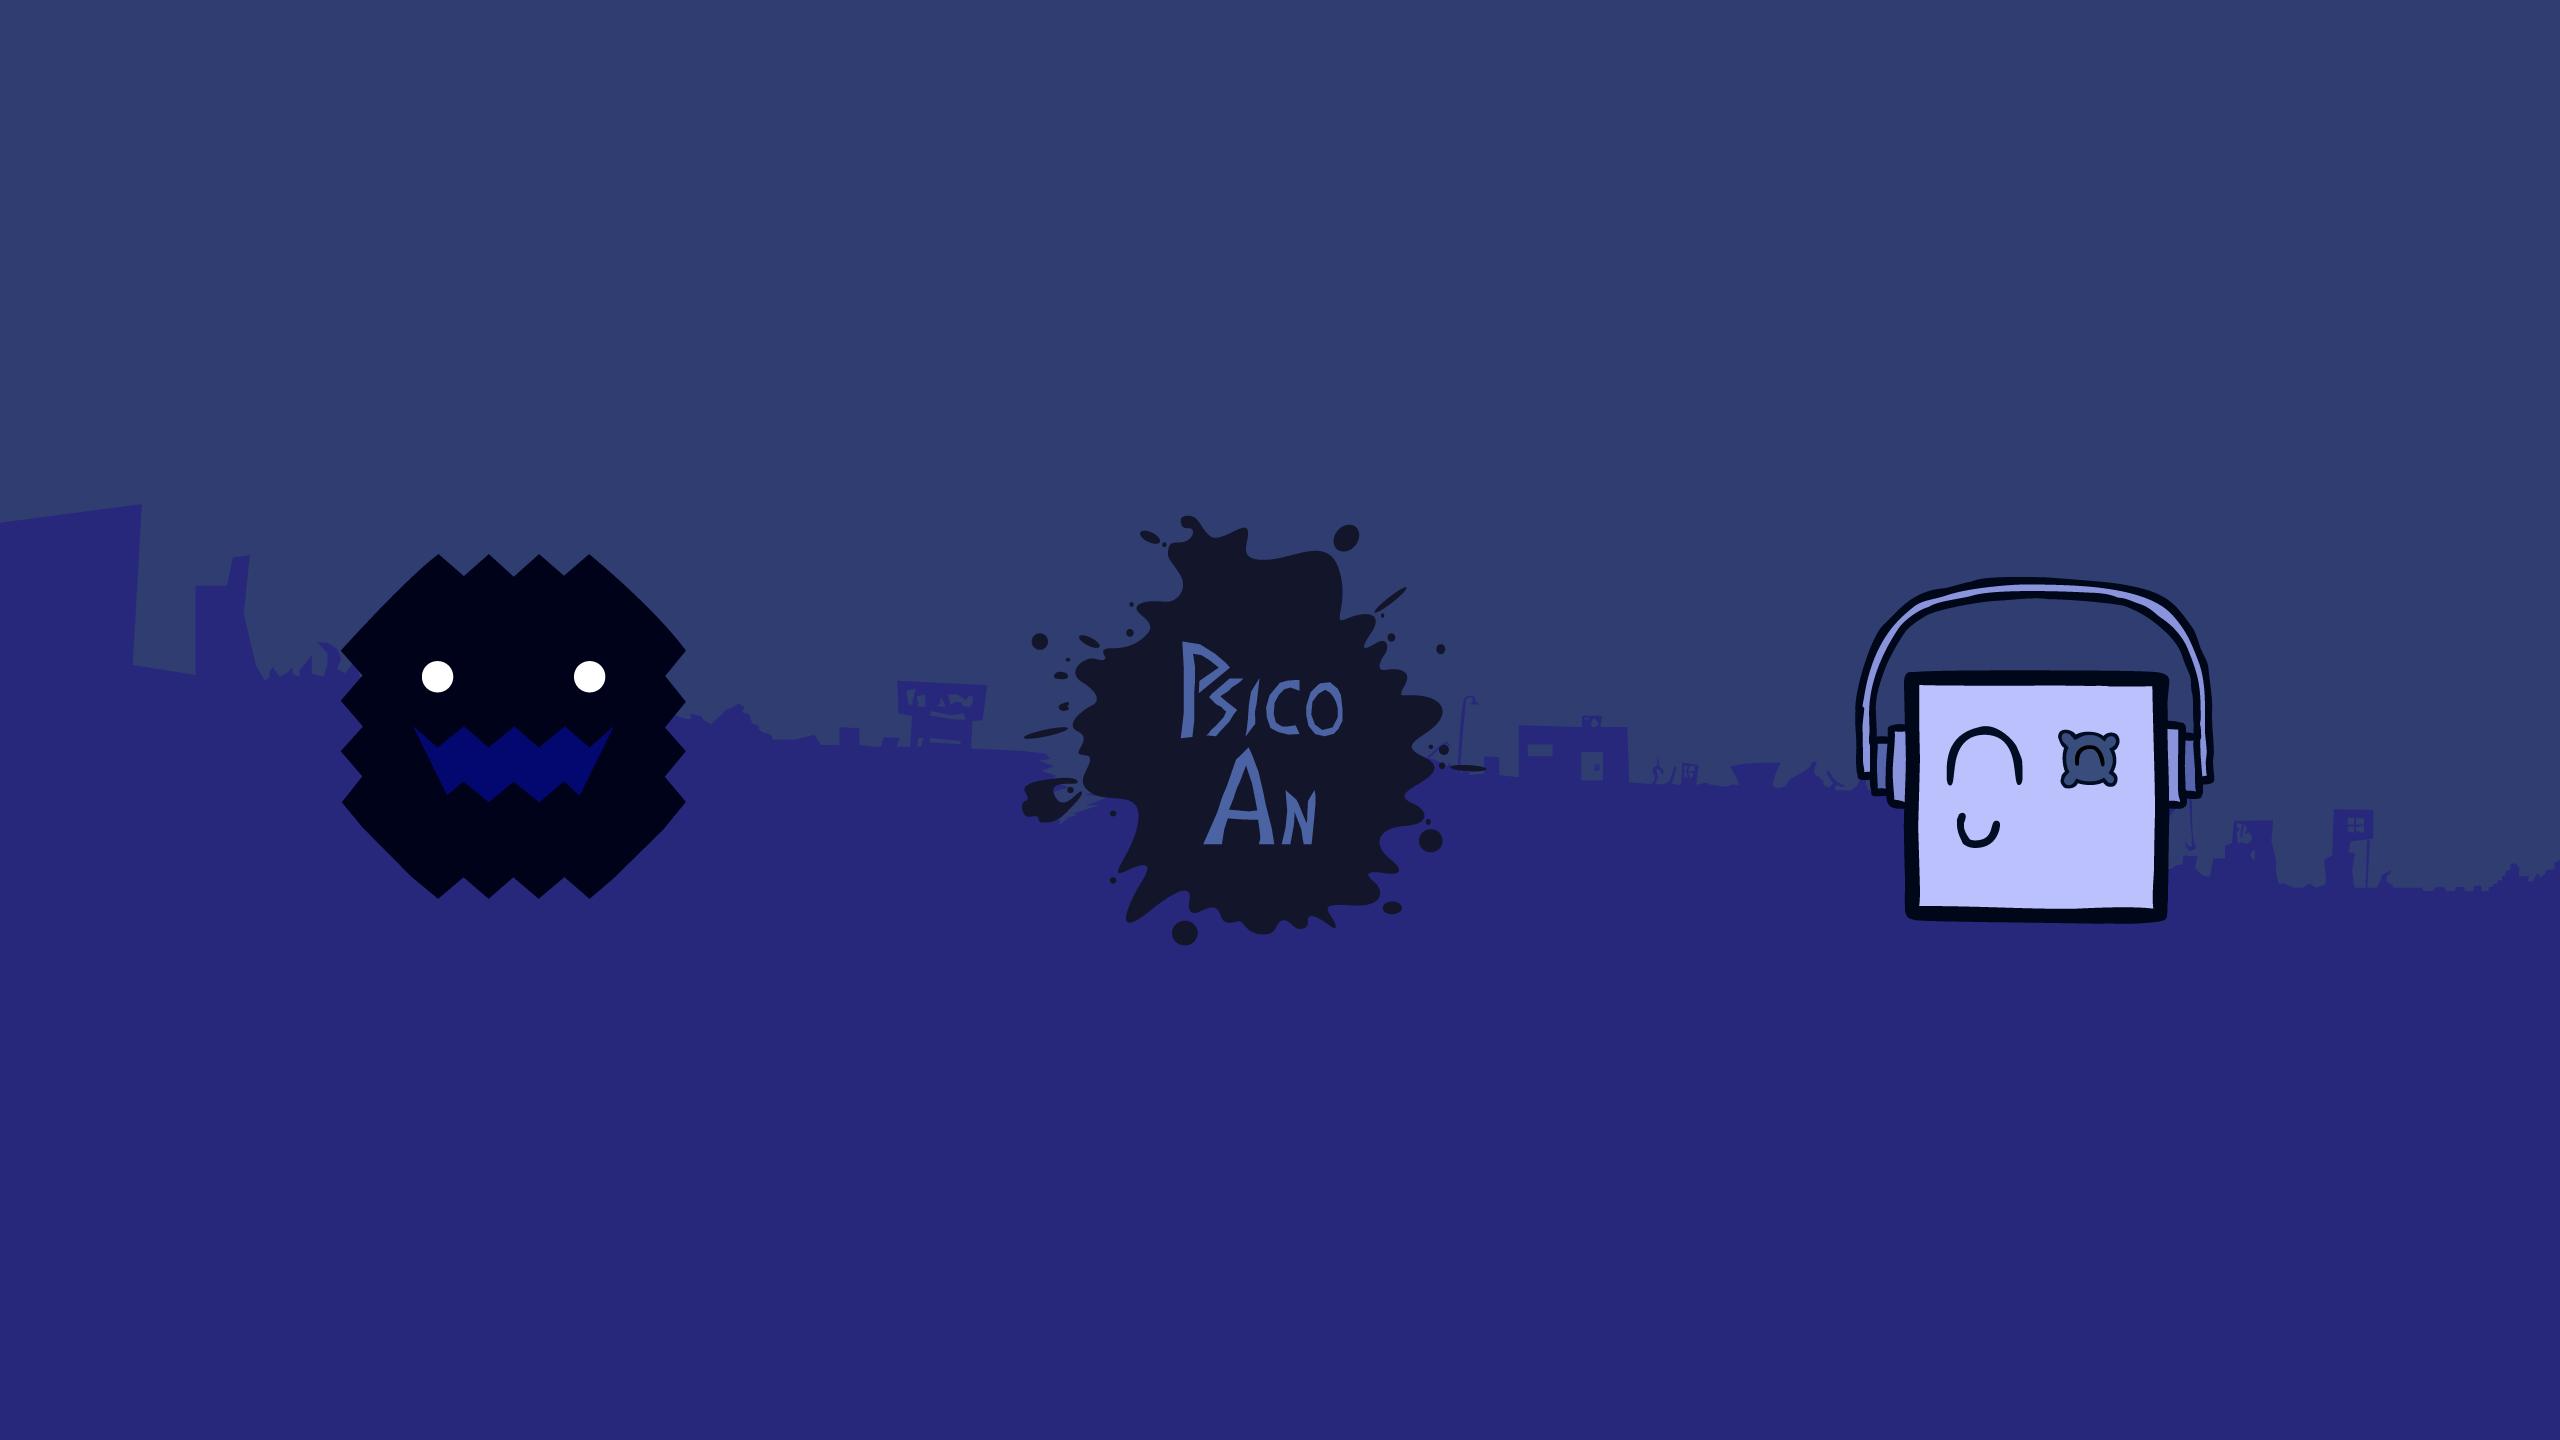 Escenario Azul GD - PsicoAn